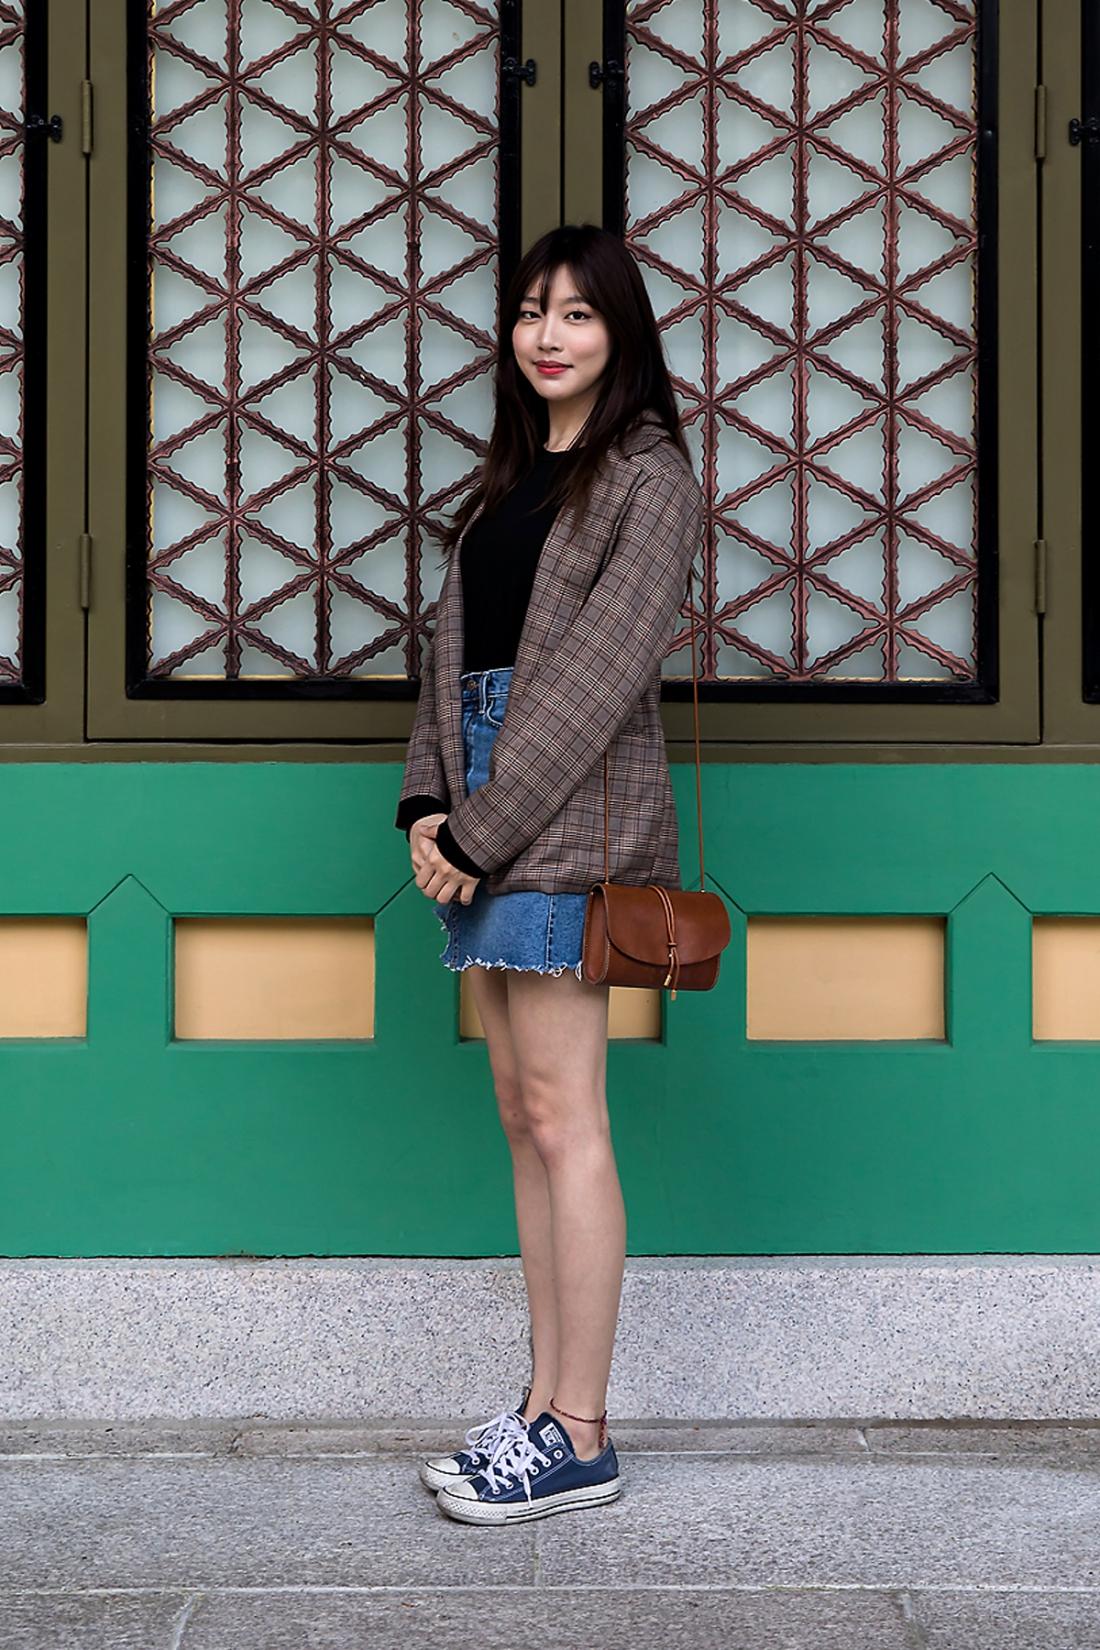 Lee Hana, Street Fashion 2017 in Seoul.jpg